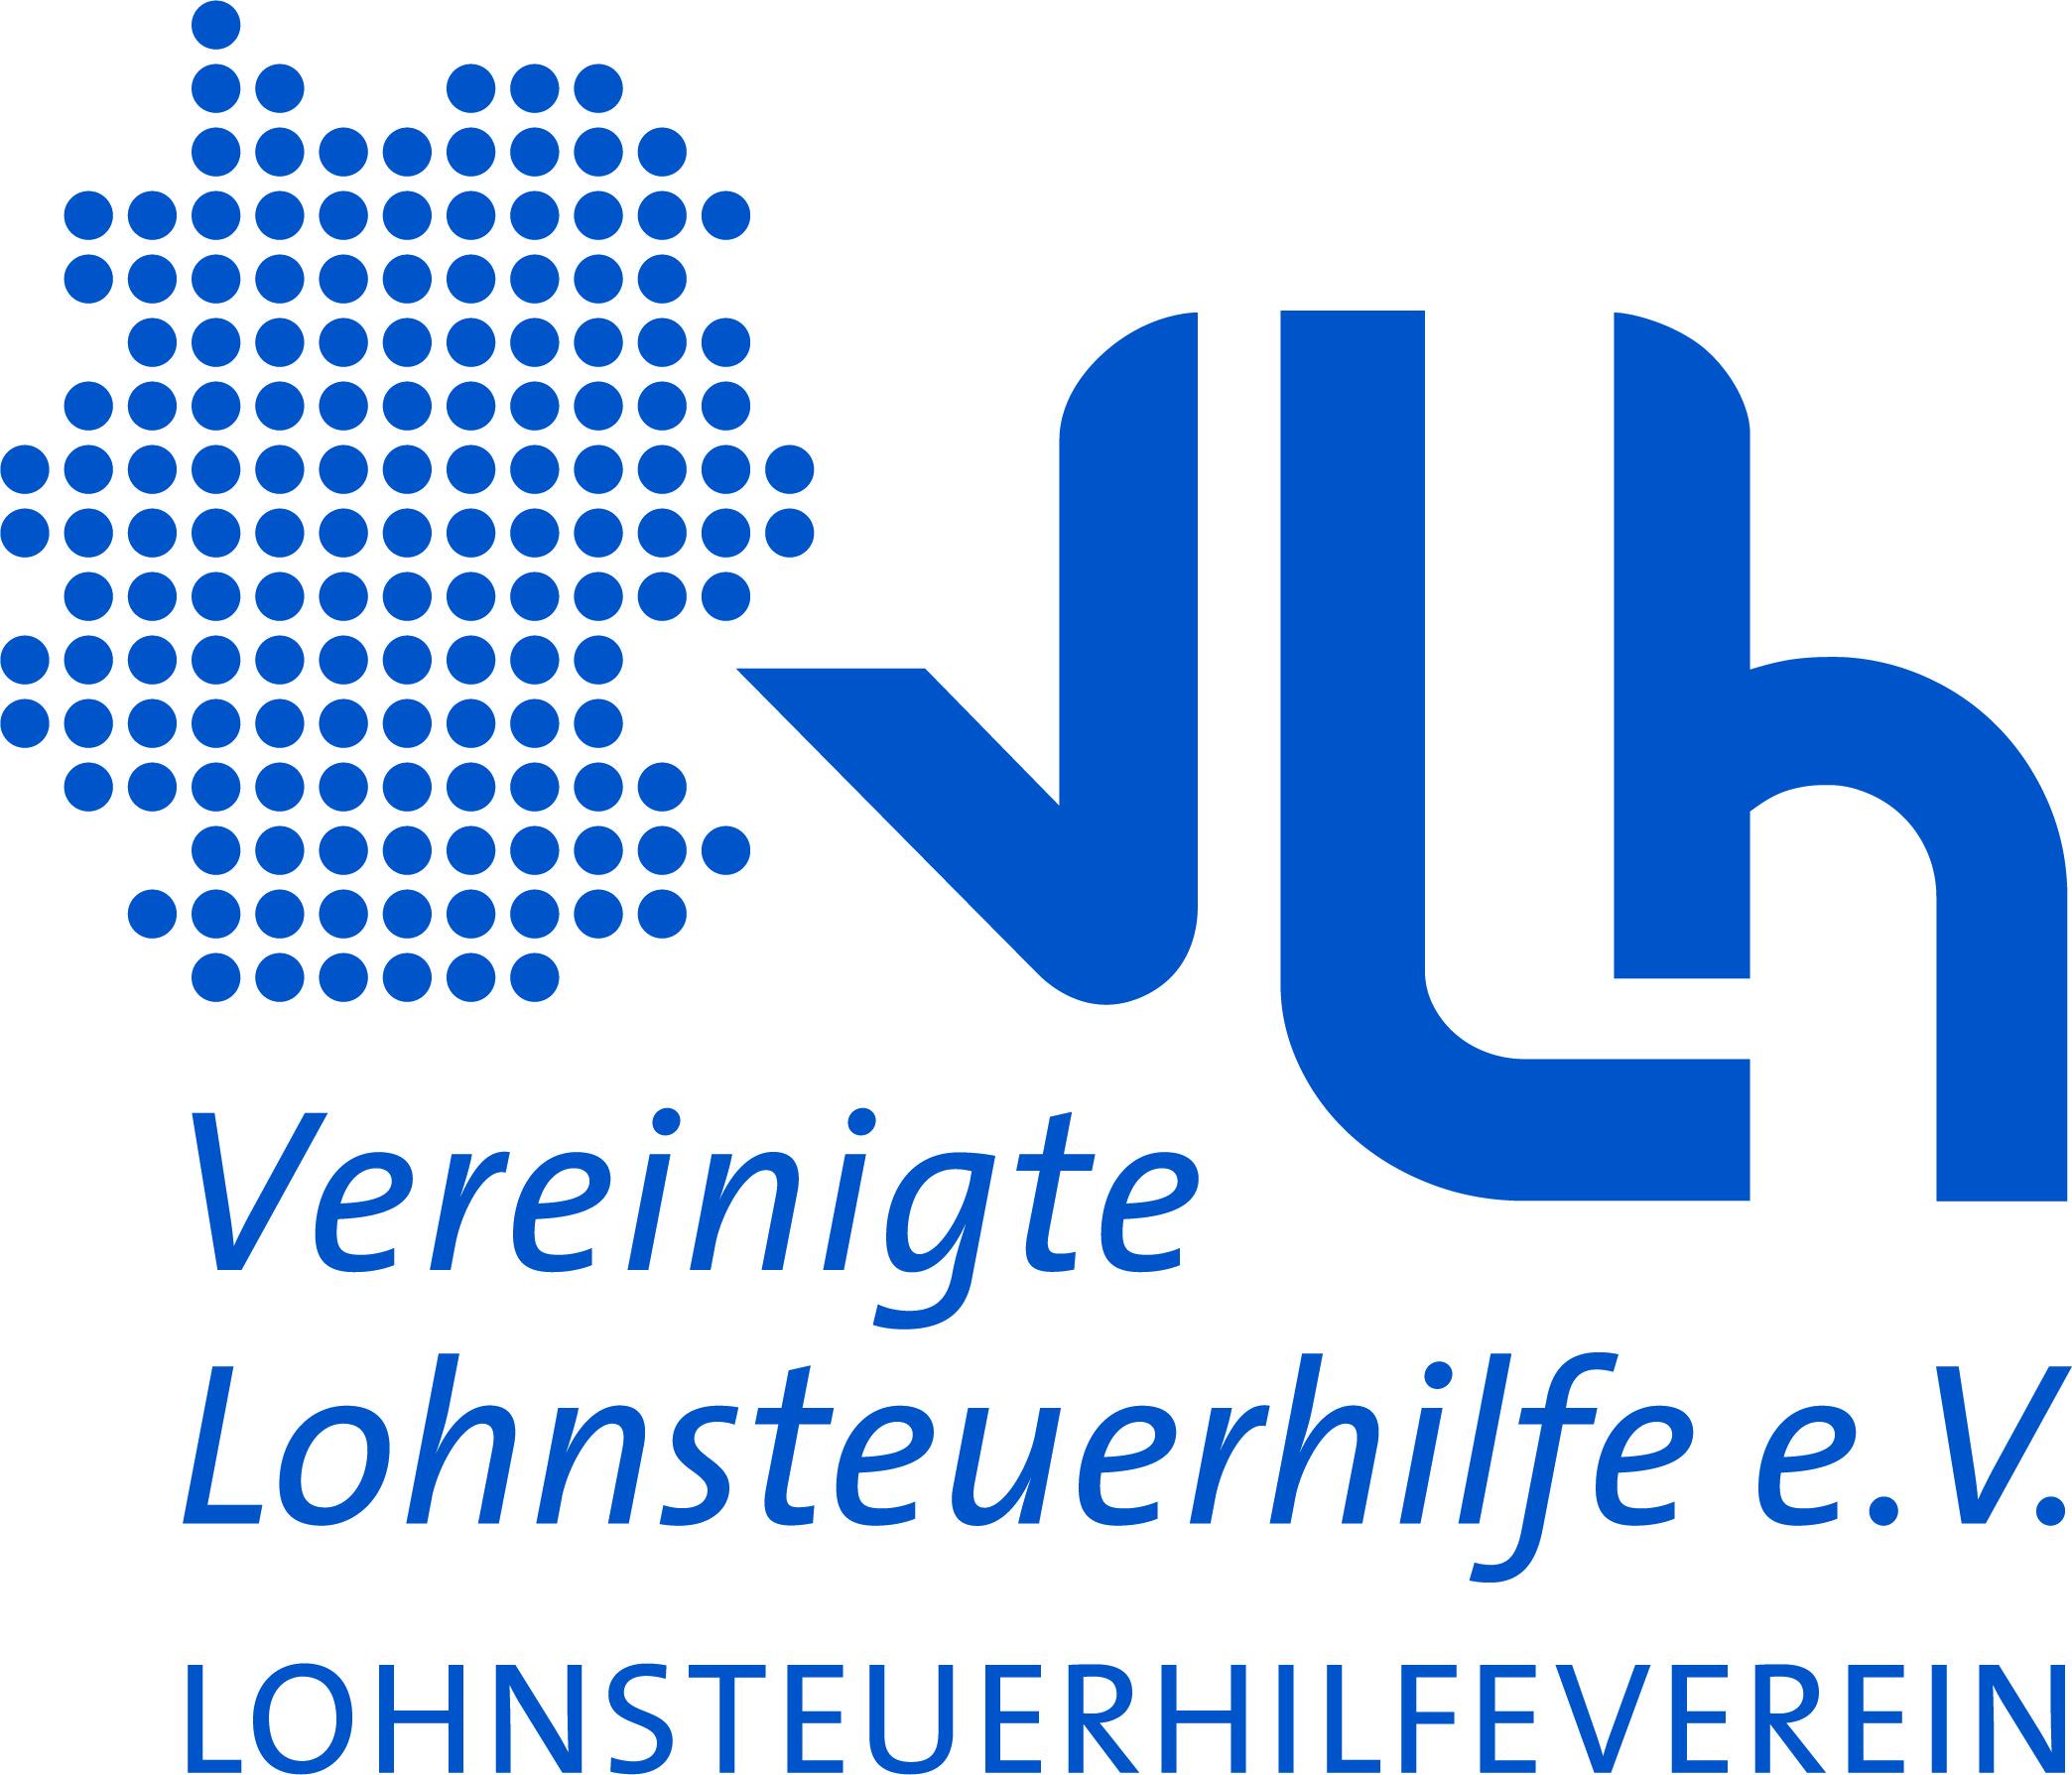 vlh_logo_4c.jpg